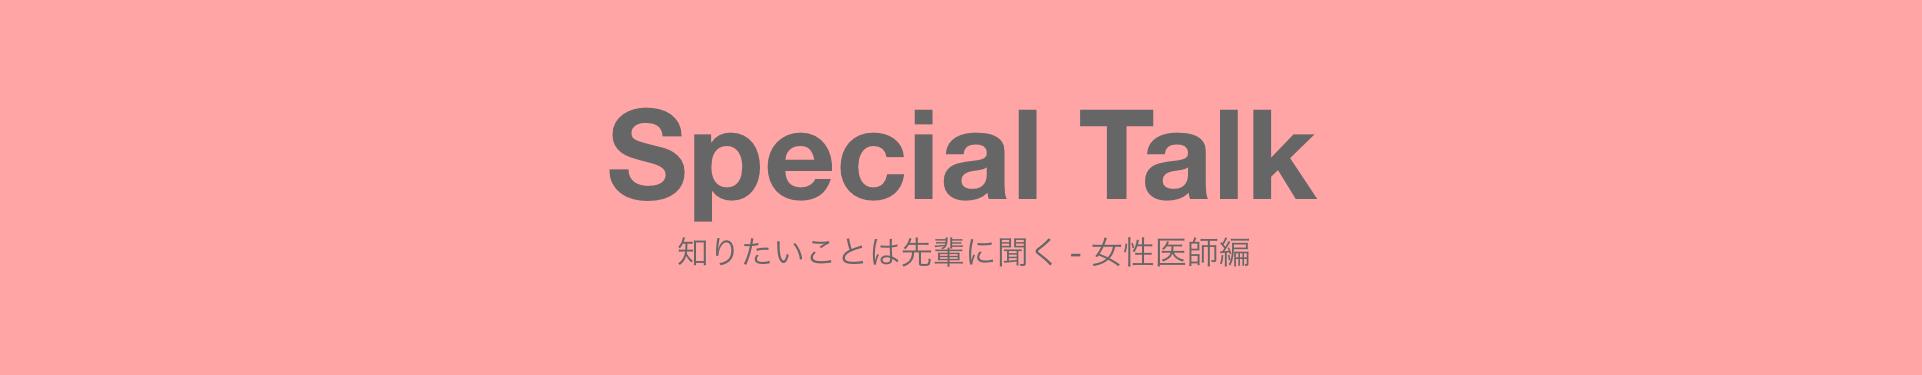 スペシャルインタビュー 女性医師編